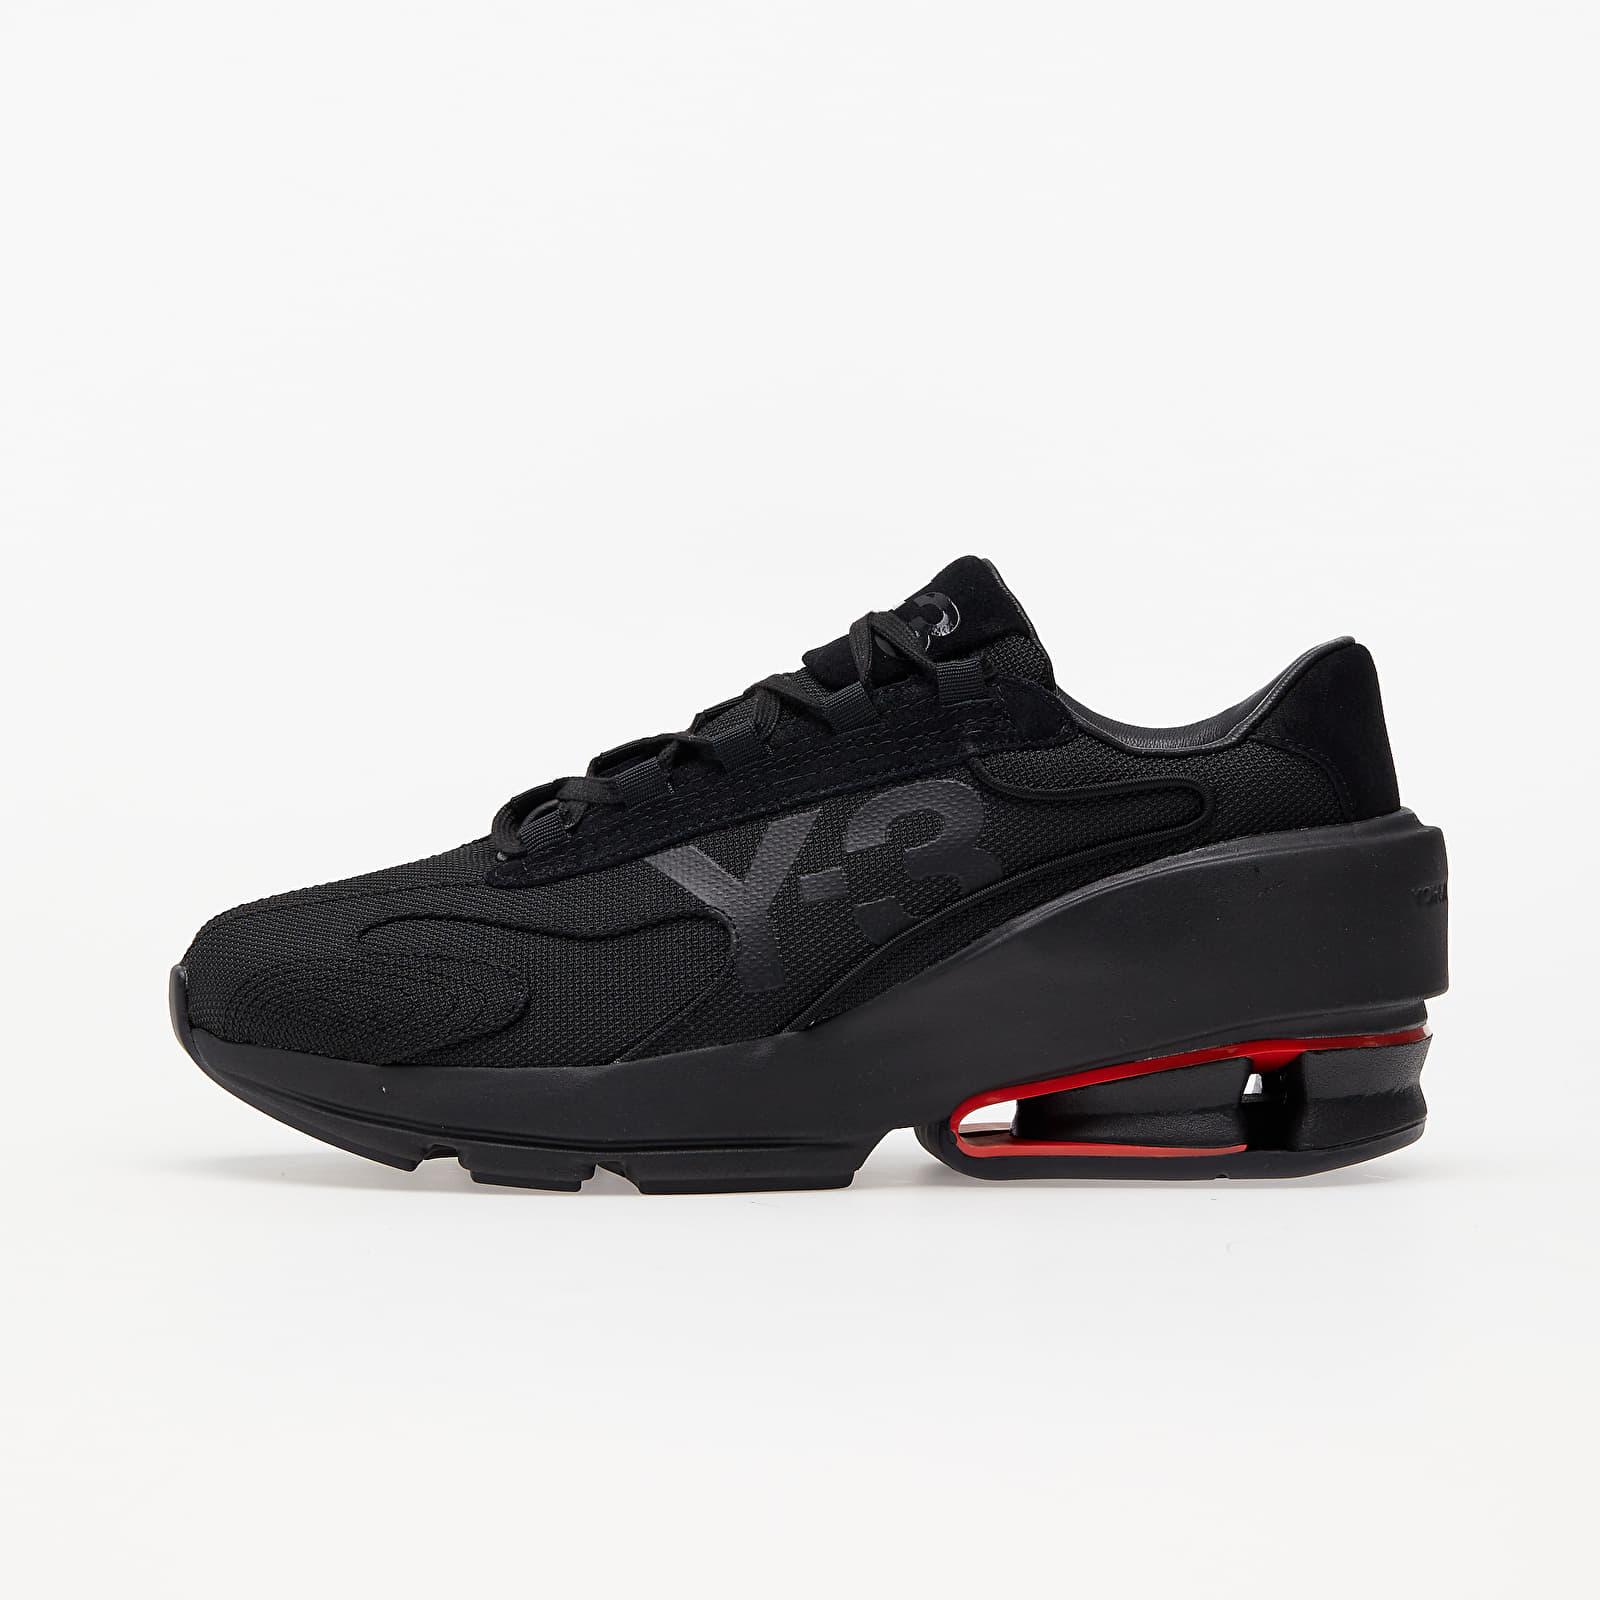 Chaussures et baskets homme Y-3 Sukui II Core Black/ Core Black/ Solar Red